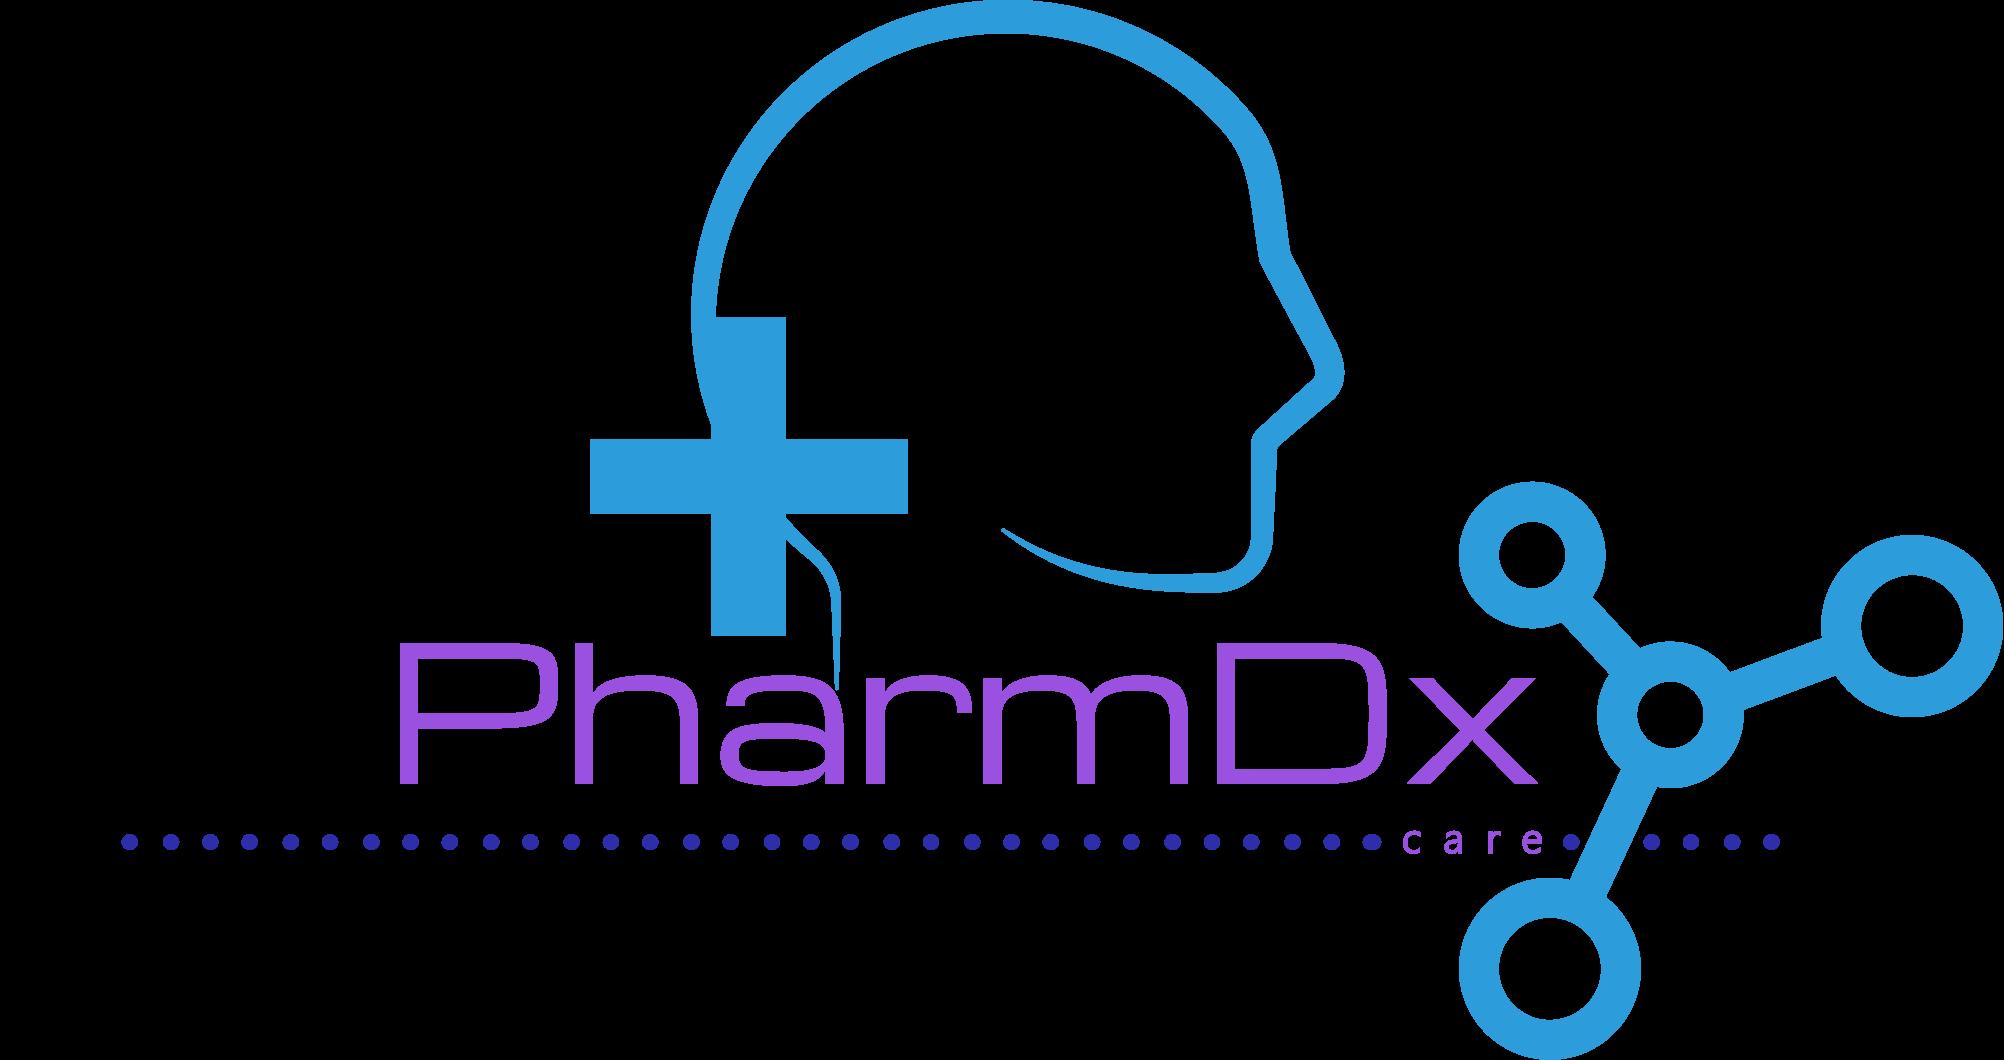 PharmDx.care